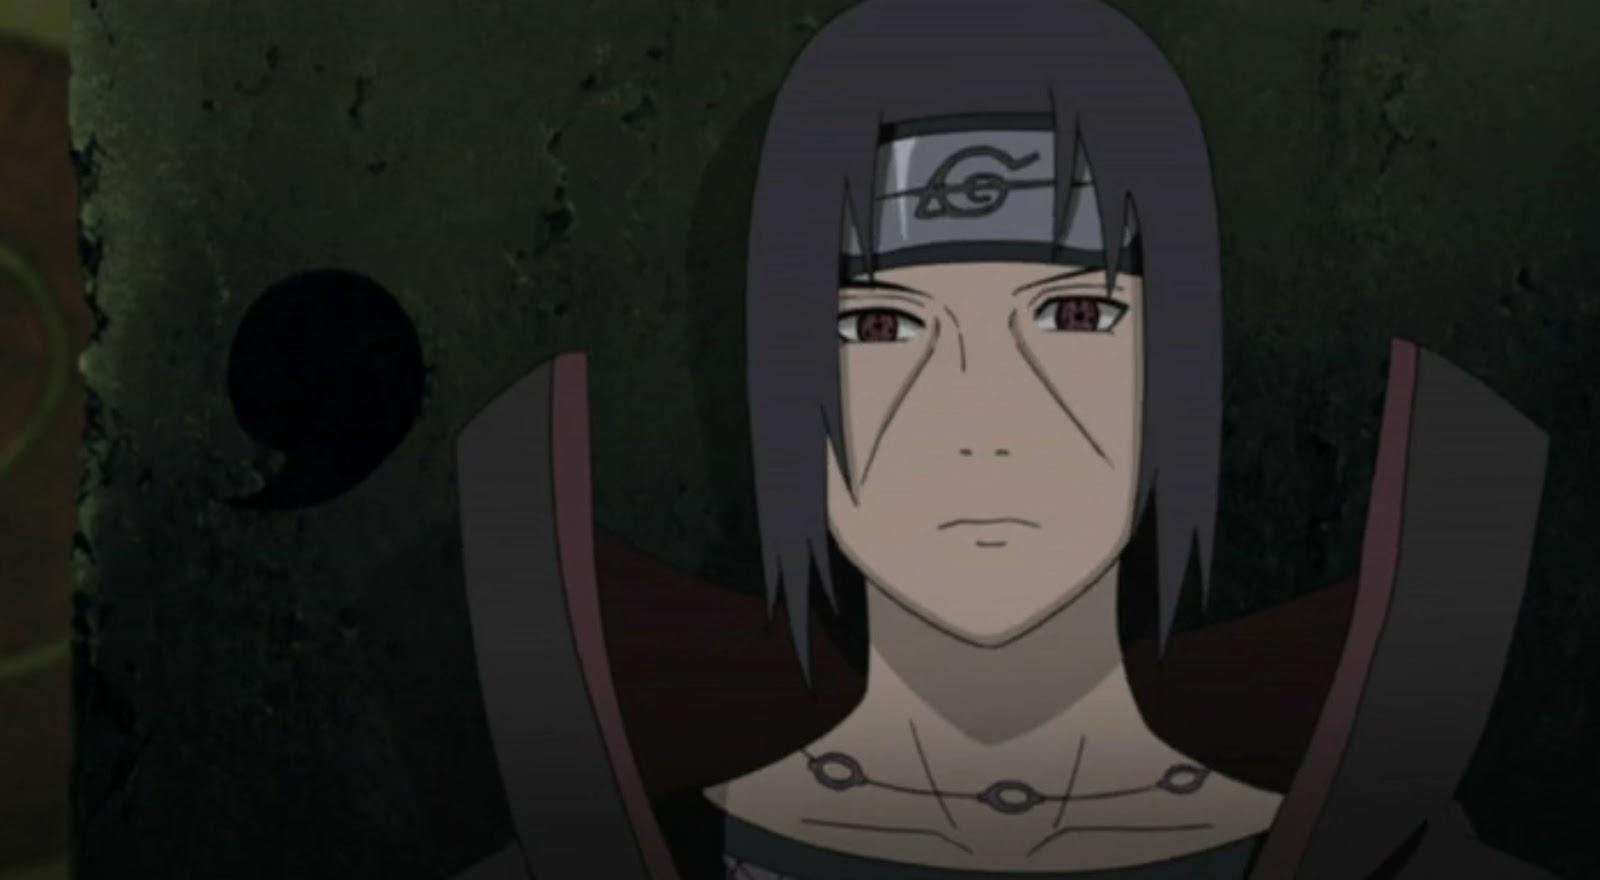 Naruto Shippuden Episódio 135, Naruto Shippuden Episódio 135, Assistir Naruto Shippuden Todos os Episódios Legendado, Naruto Shippuden episódio 135,HD